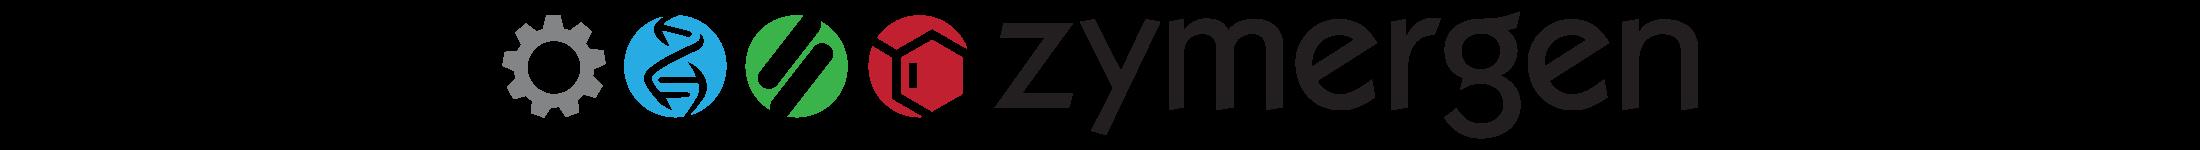 Zymergen Logo Space